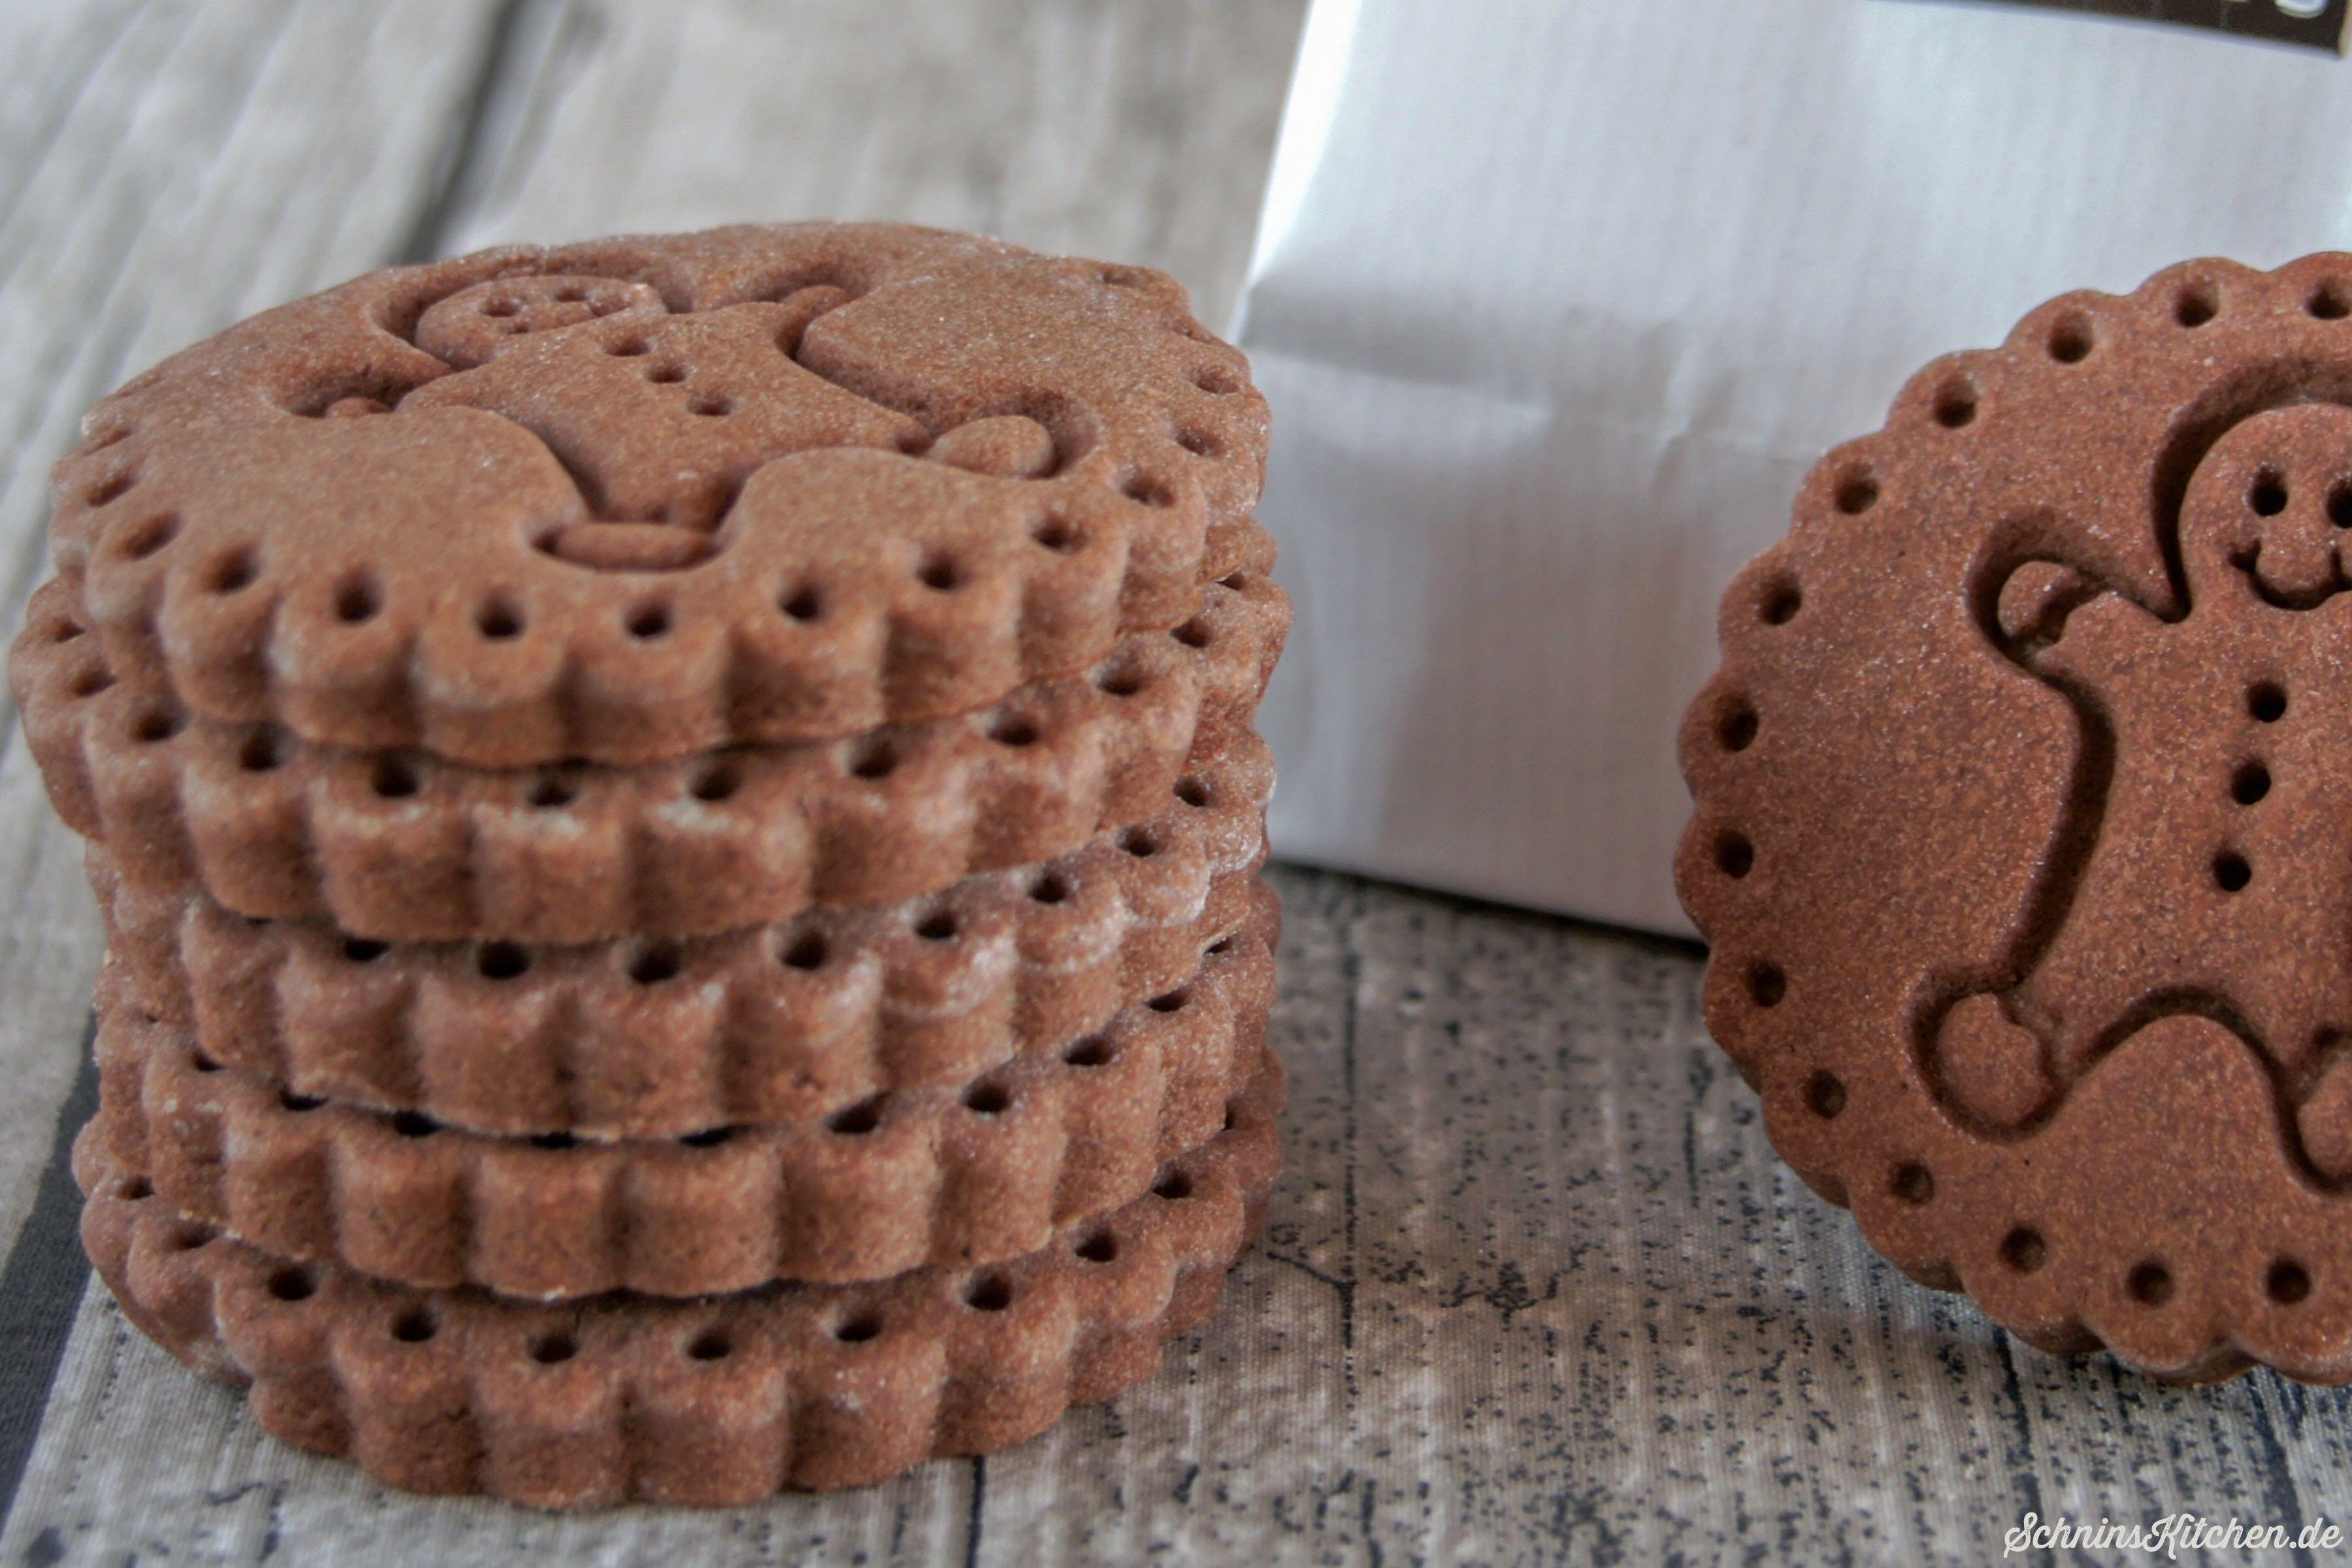 Lebkuchen-Cookies mit Keksstempel Mr. Gingerman - leckere Weihnachtsplätzchen - www.schninskitchen.de